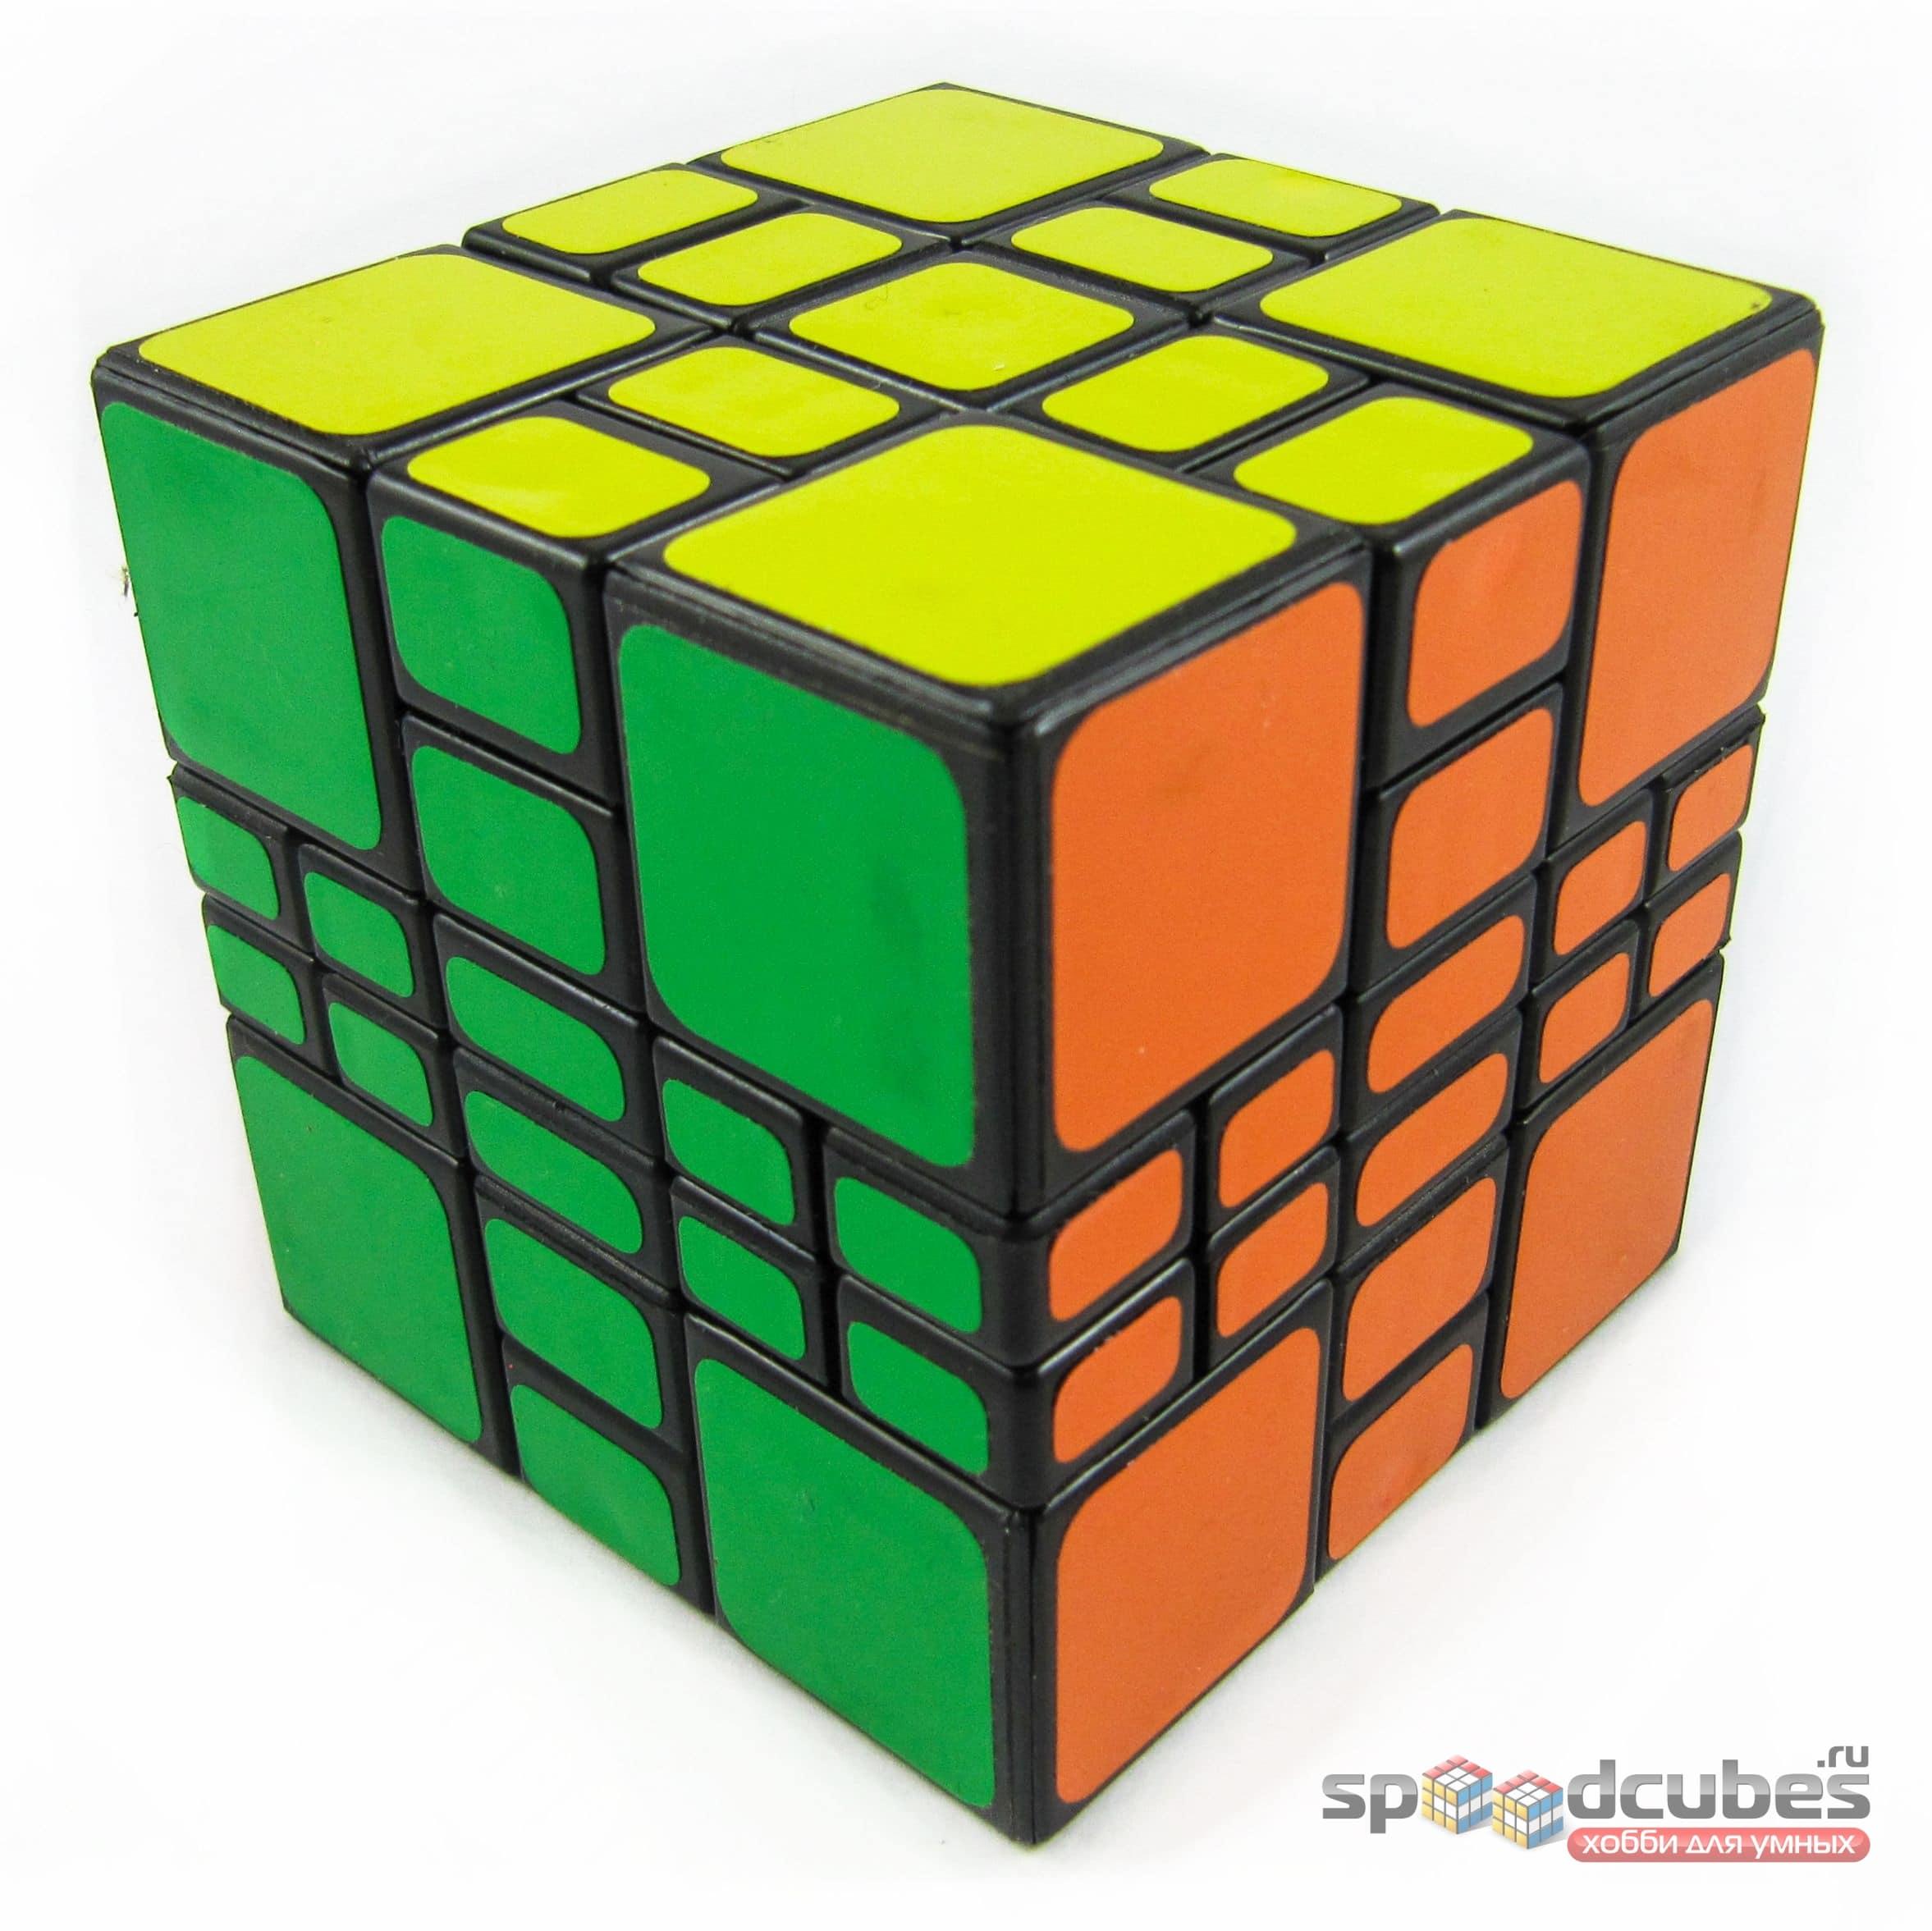 WitEden Mixup Plus 4x3x3